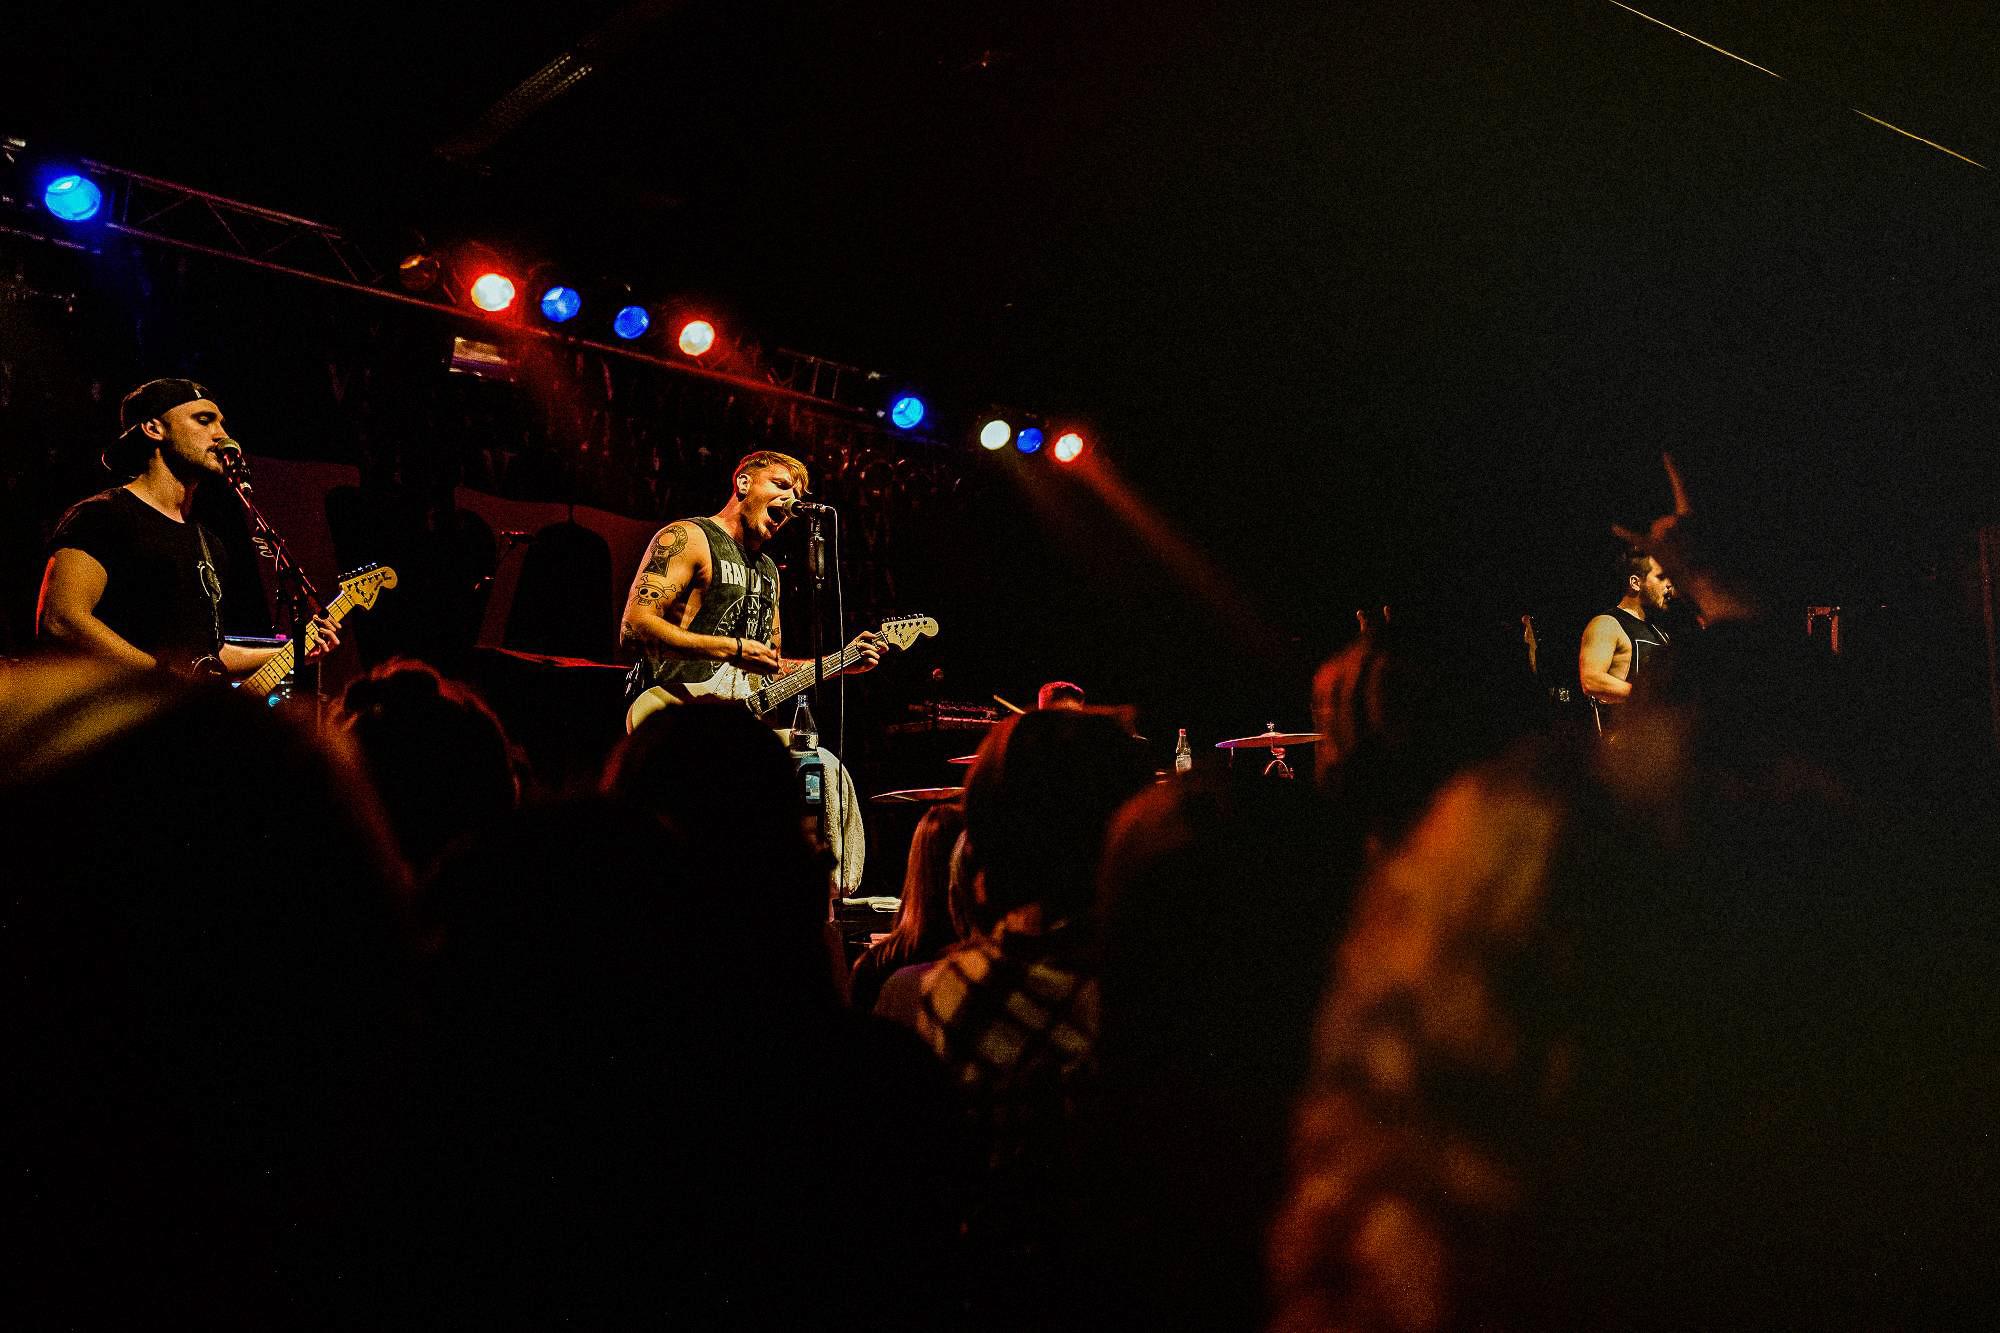 Stefan auf der Bühne in Hannover